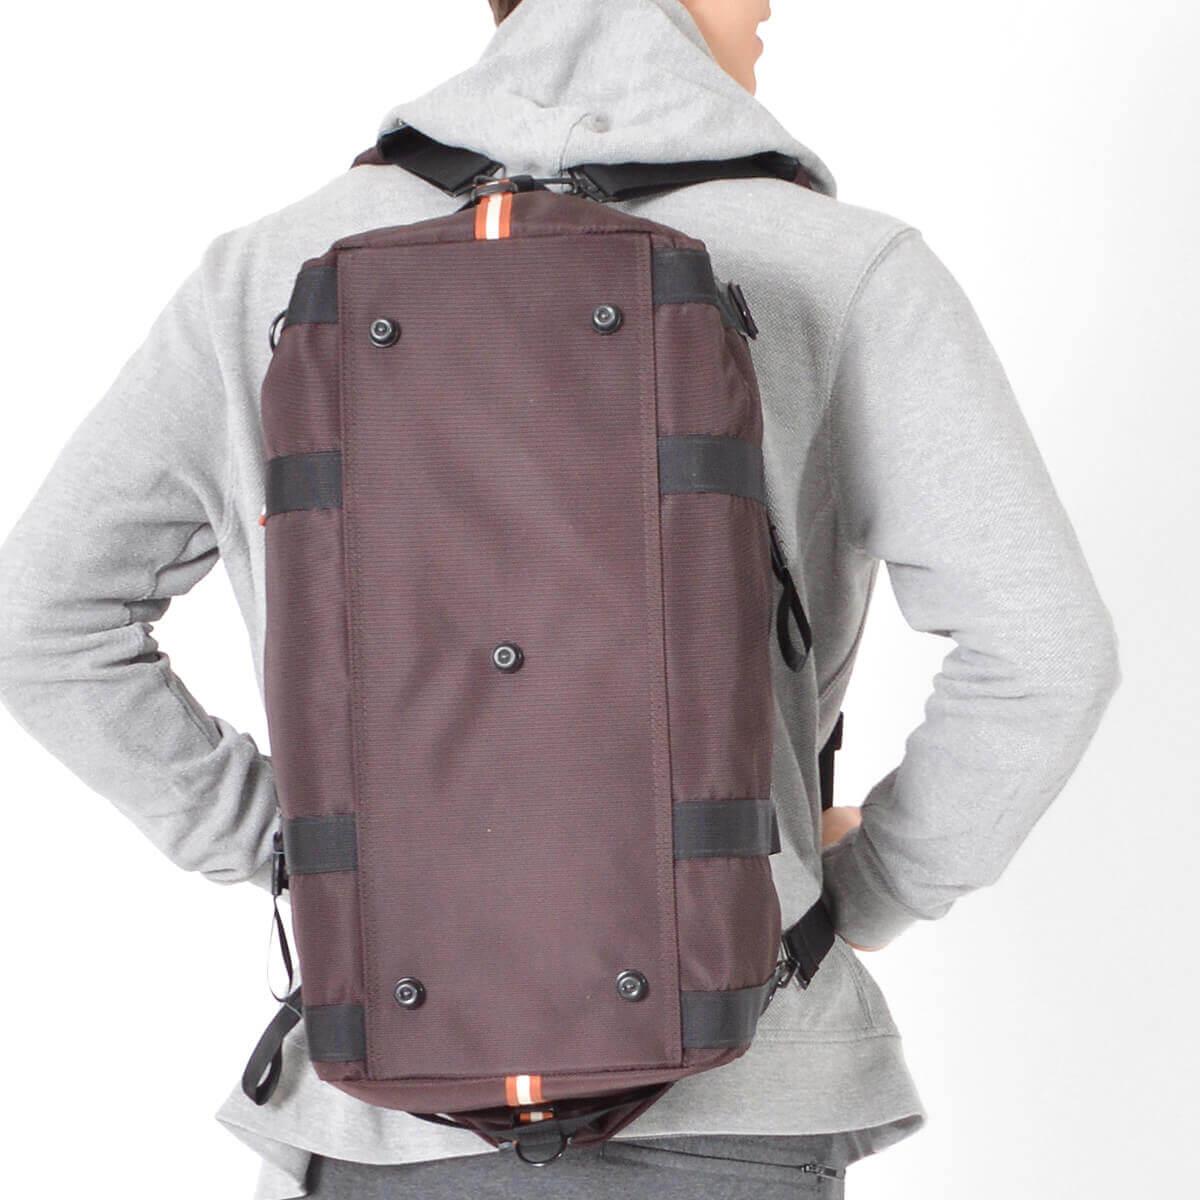 gym bag weekender backpack